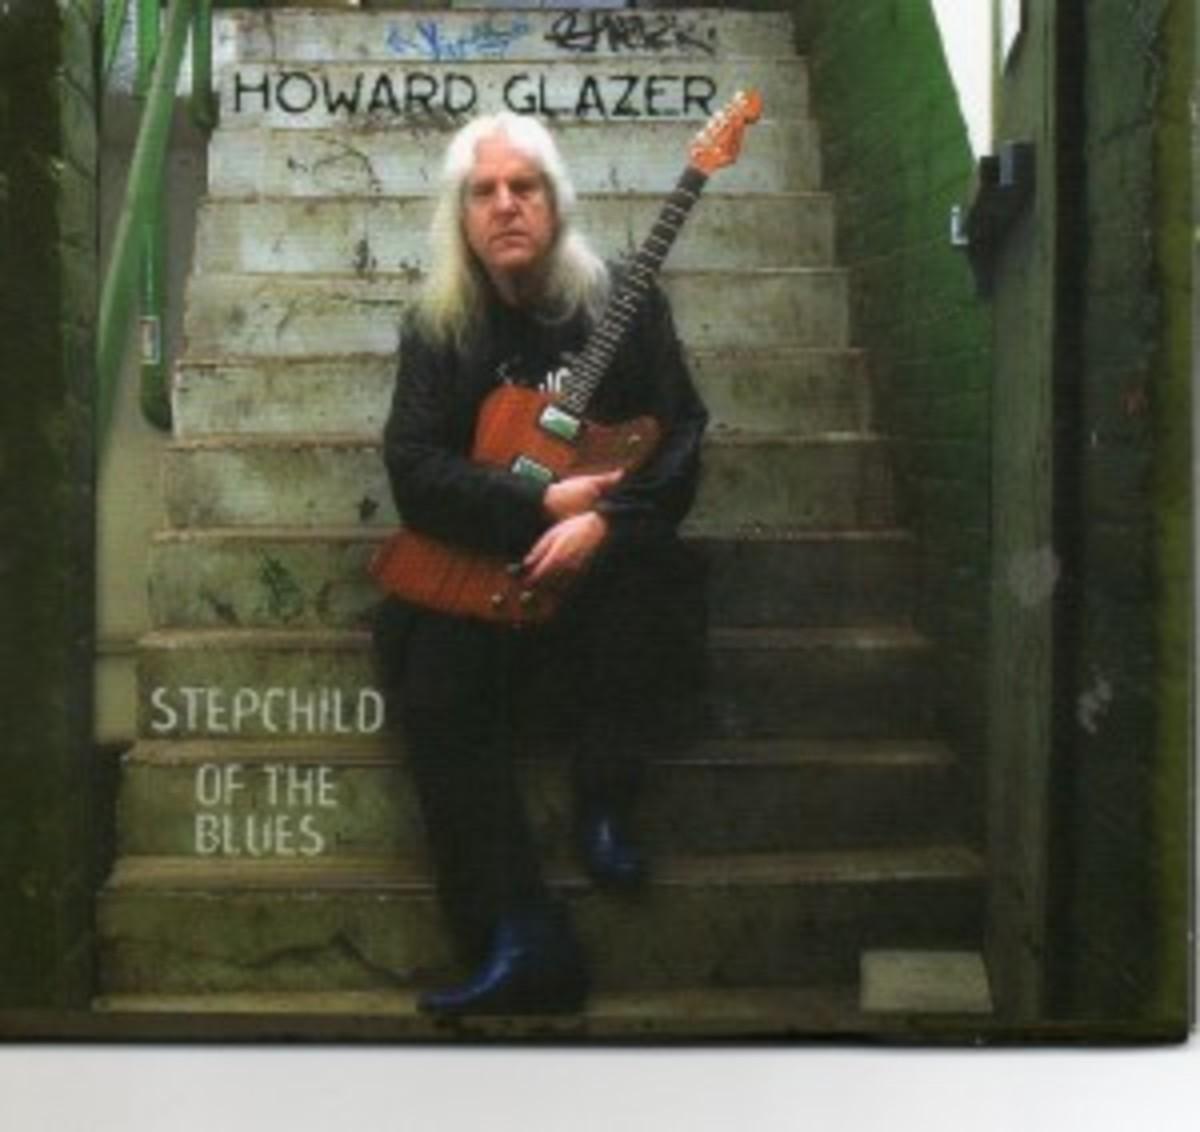 HowardGlazer